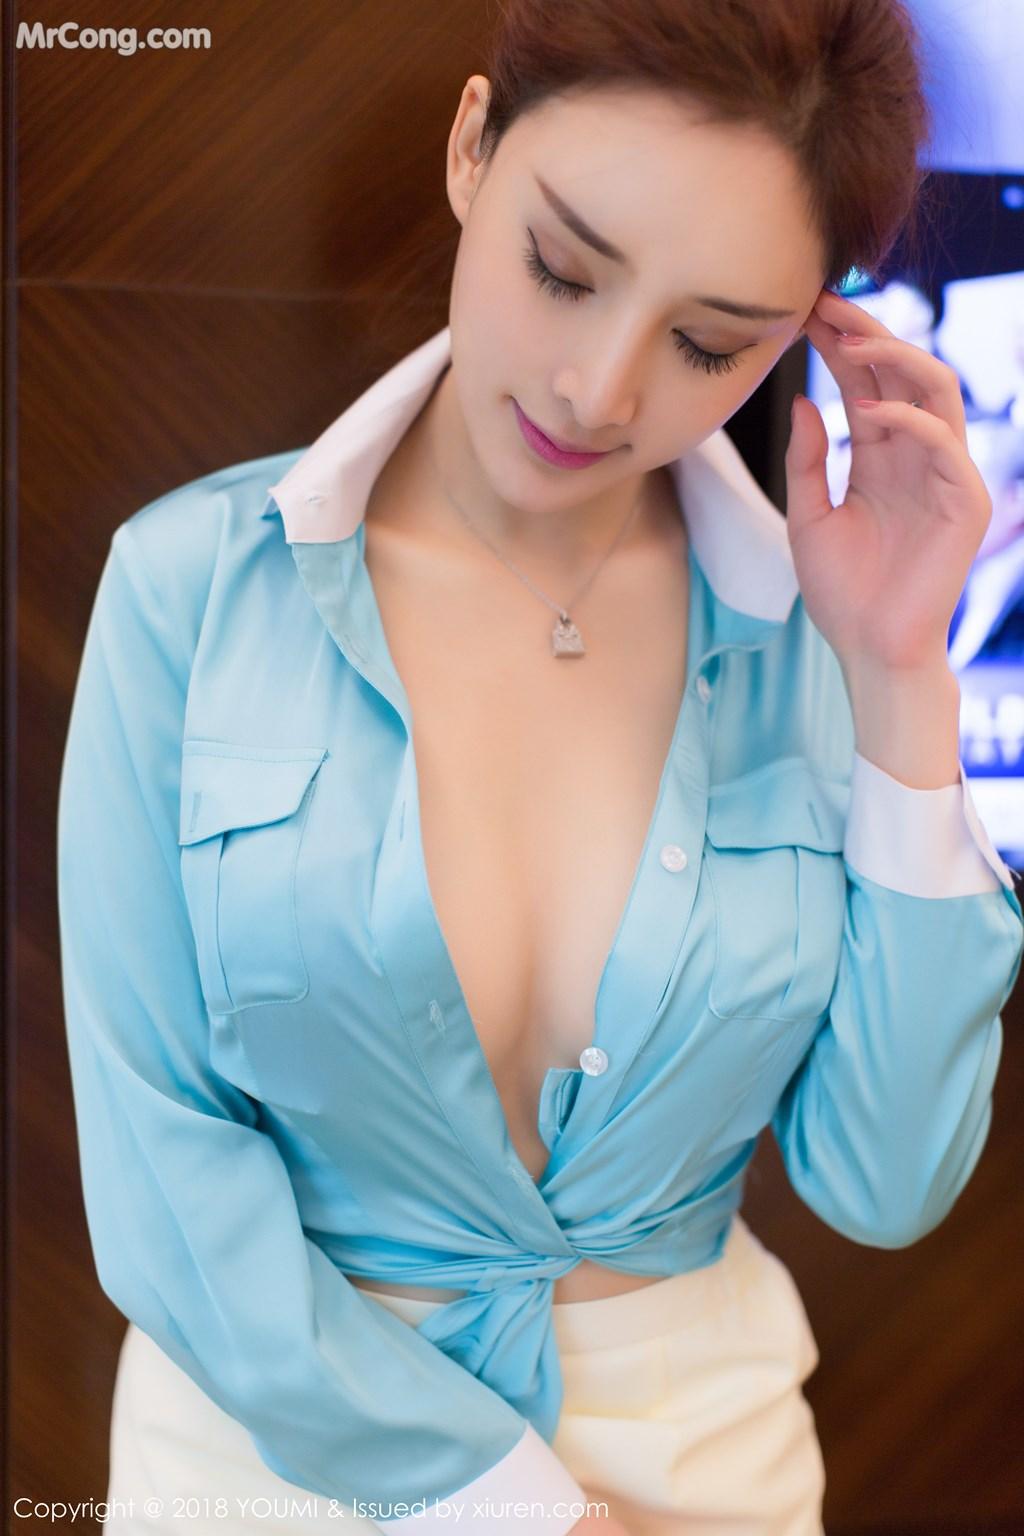 Image YouMi-Vol.112-Tu-Fei-Yuan-Ai-Cuo-Qiong-MrCong.com-044 in post YouMi Vol.112: Người mẫu 土肥圆矮挫穷 (51 ảnh)